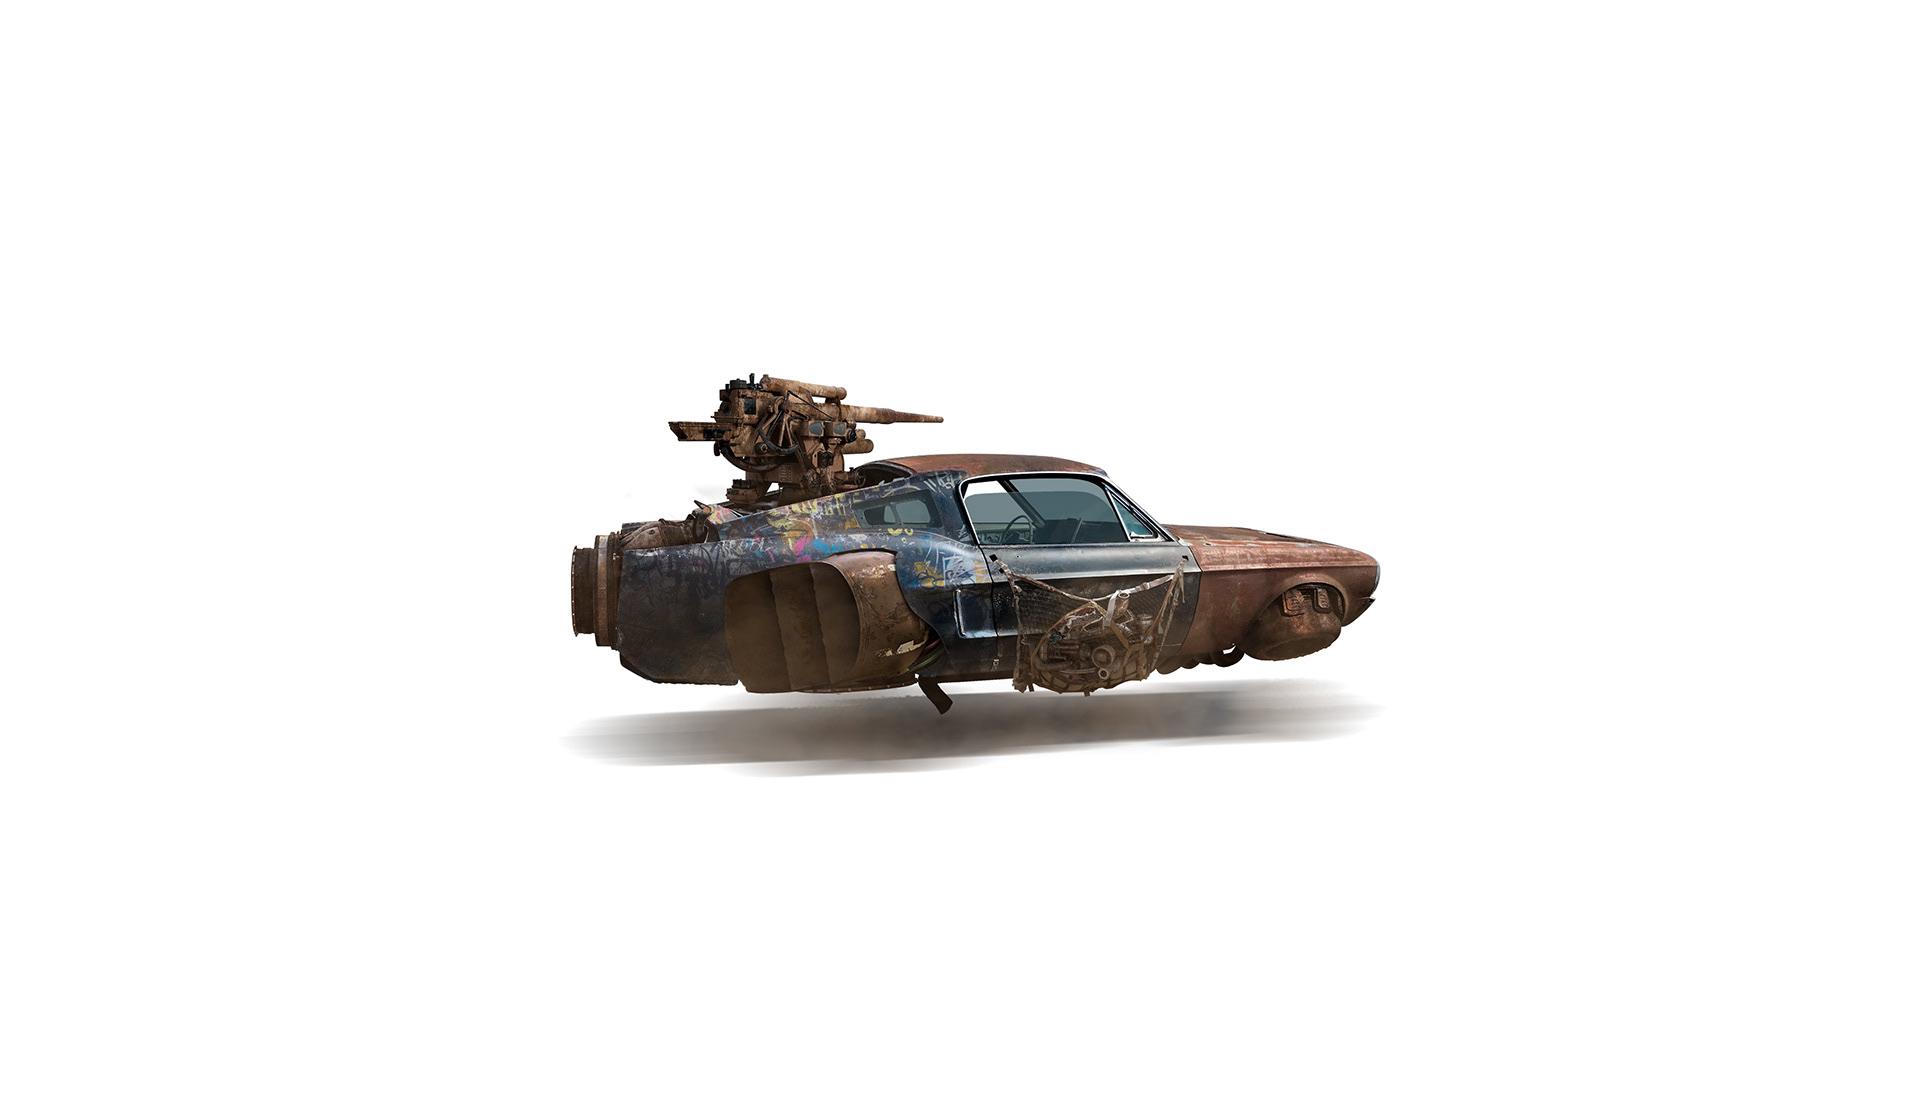 Sci-Fi Vehicules by Zenildo Almeida